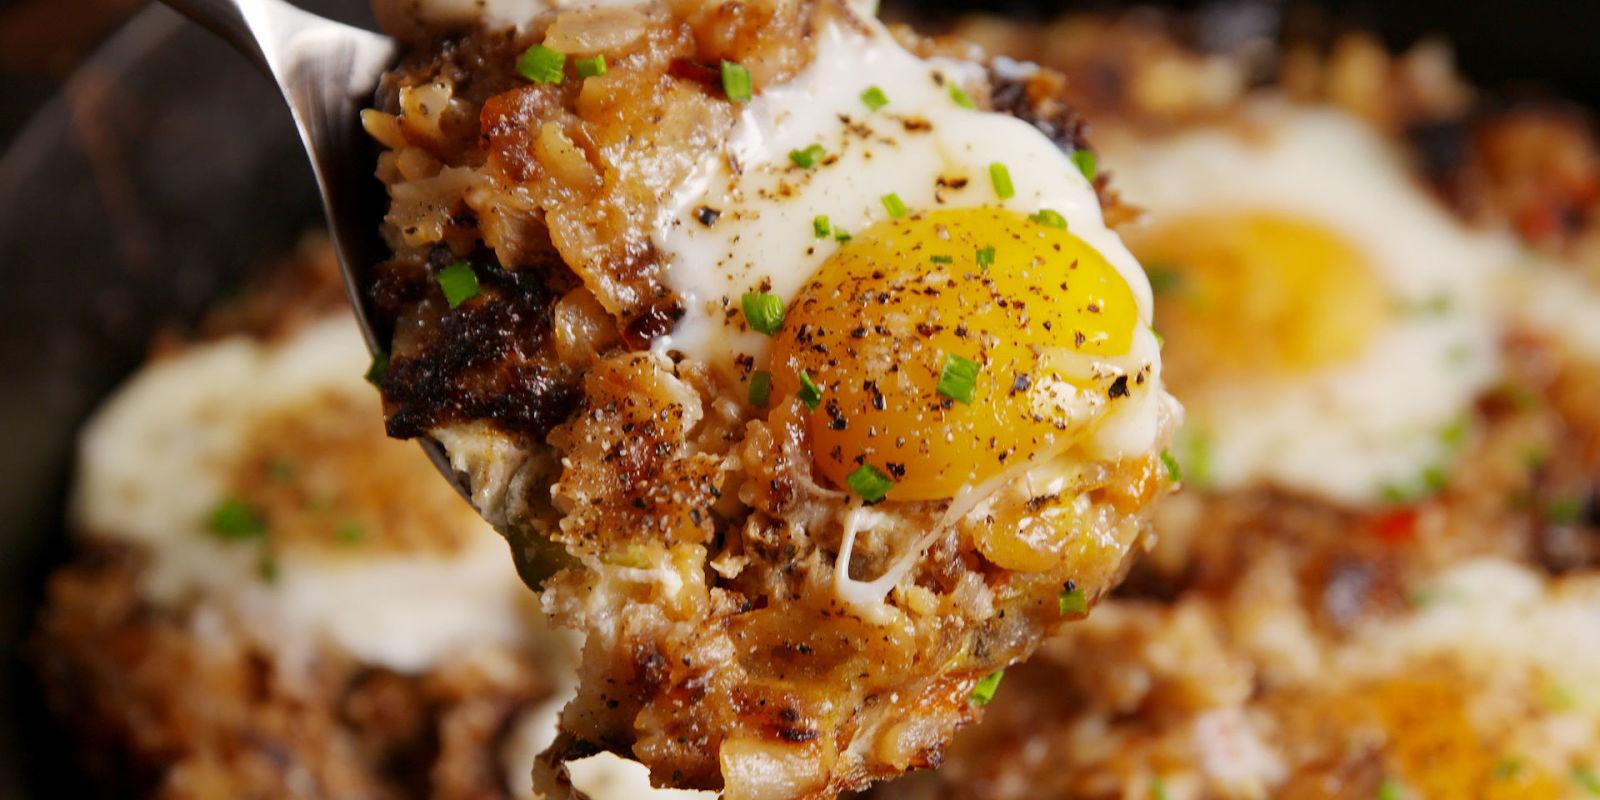 Egg Dinner Recipes  100 Easy Egg Recipes Best Ways to Cook Eggs for Dinner